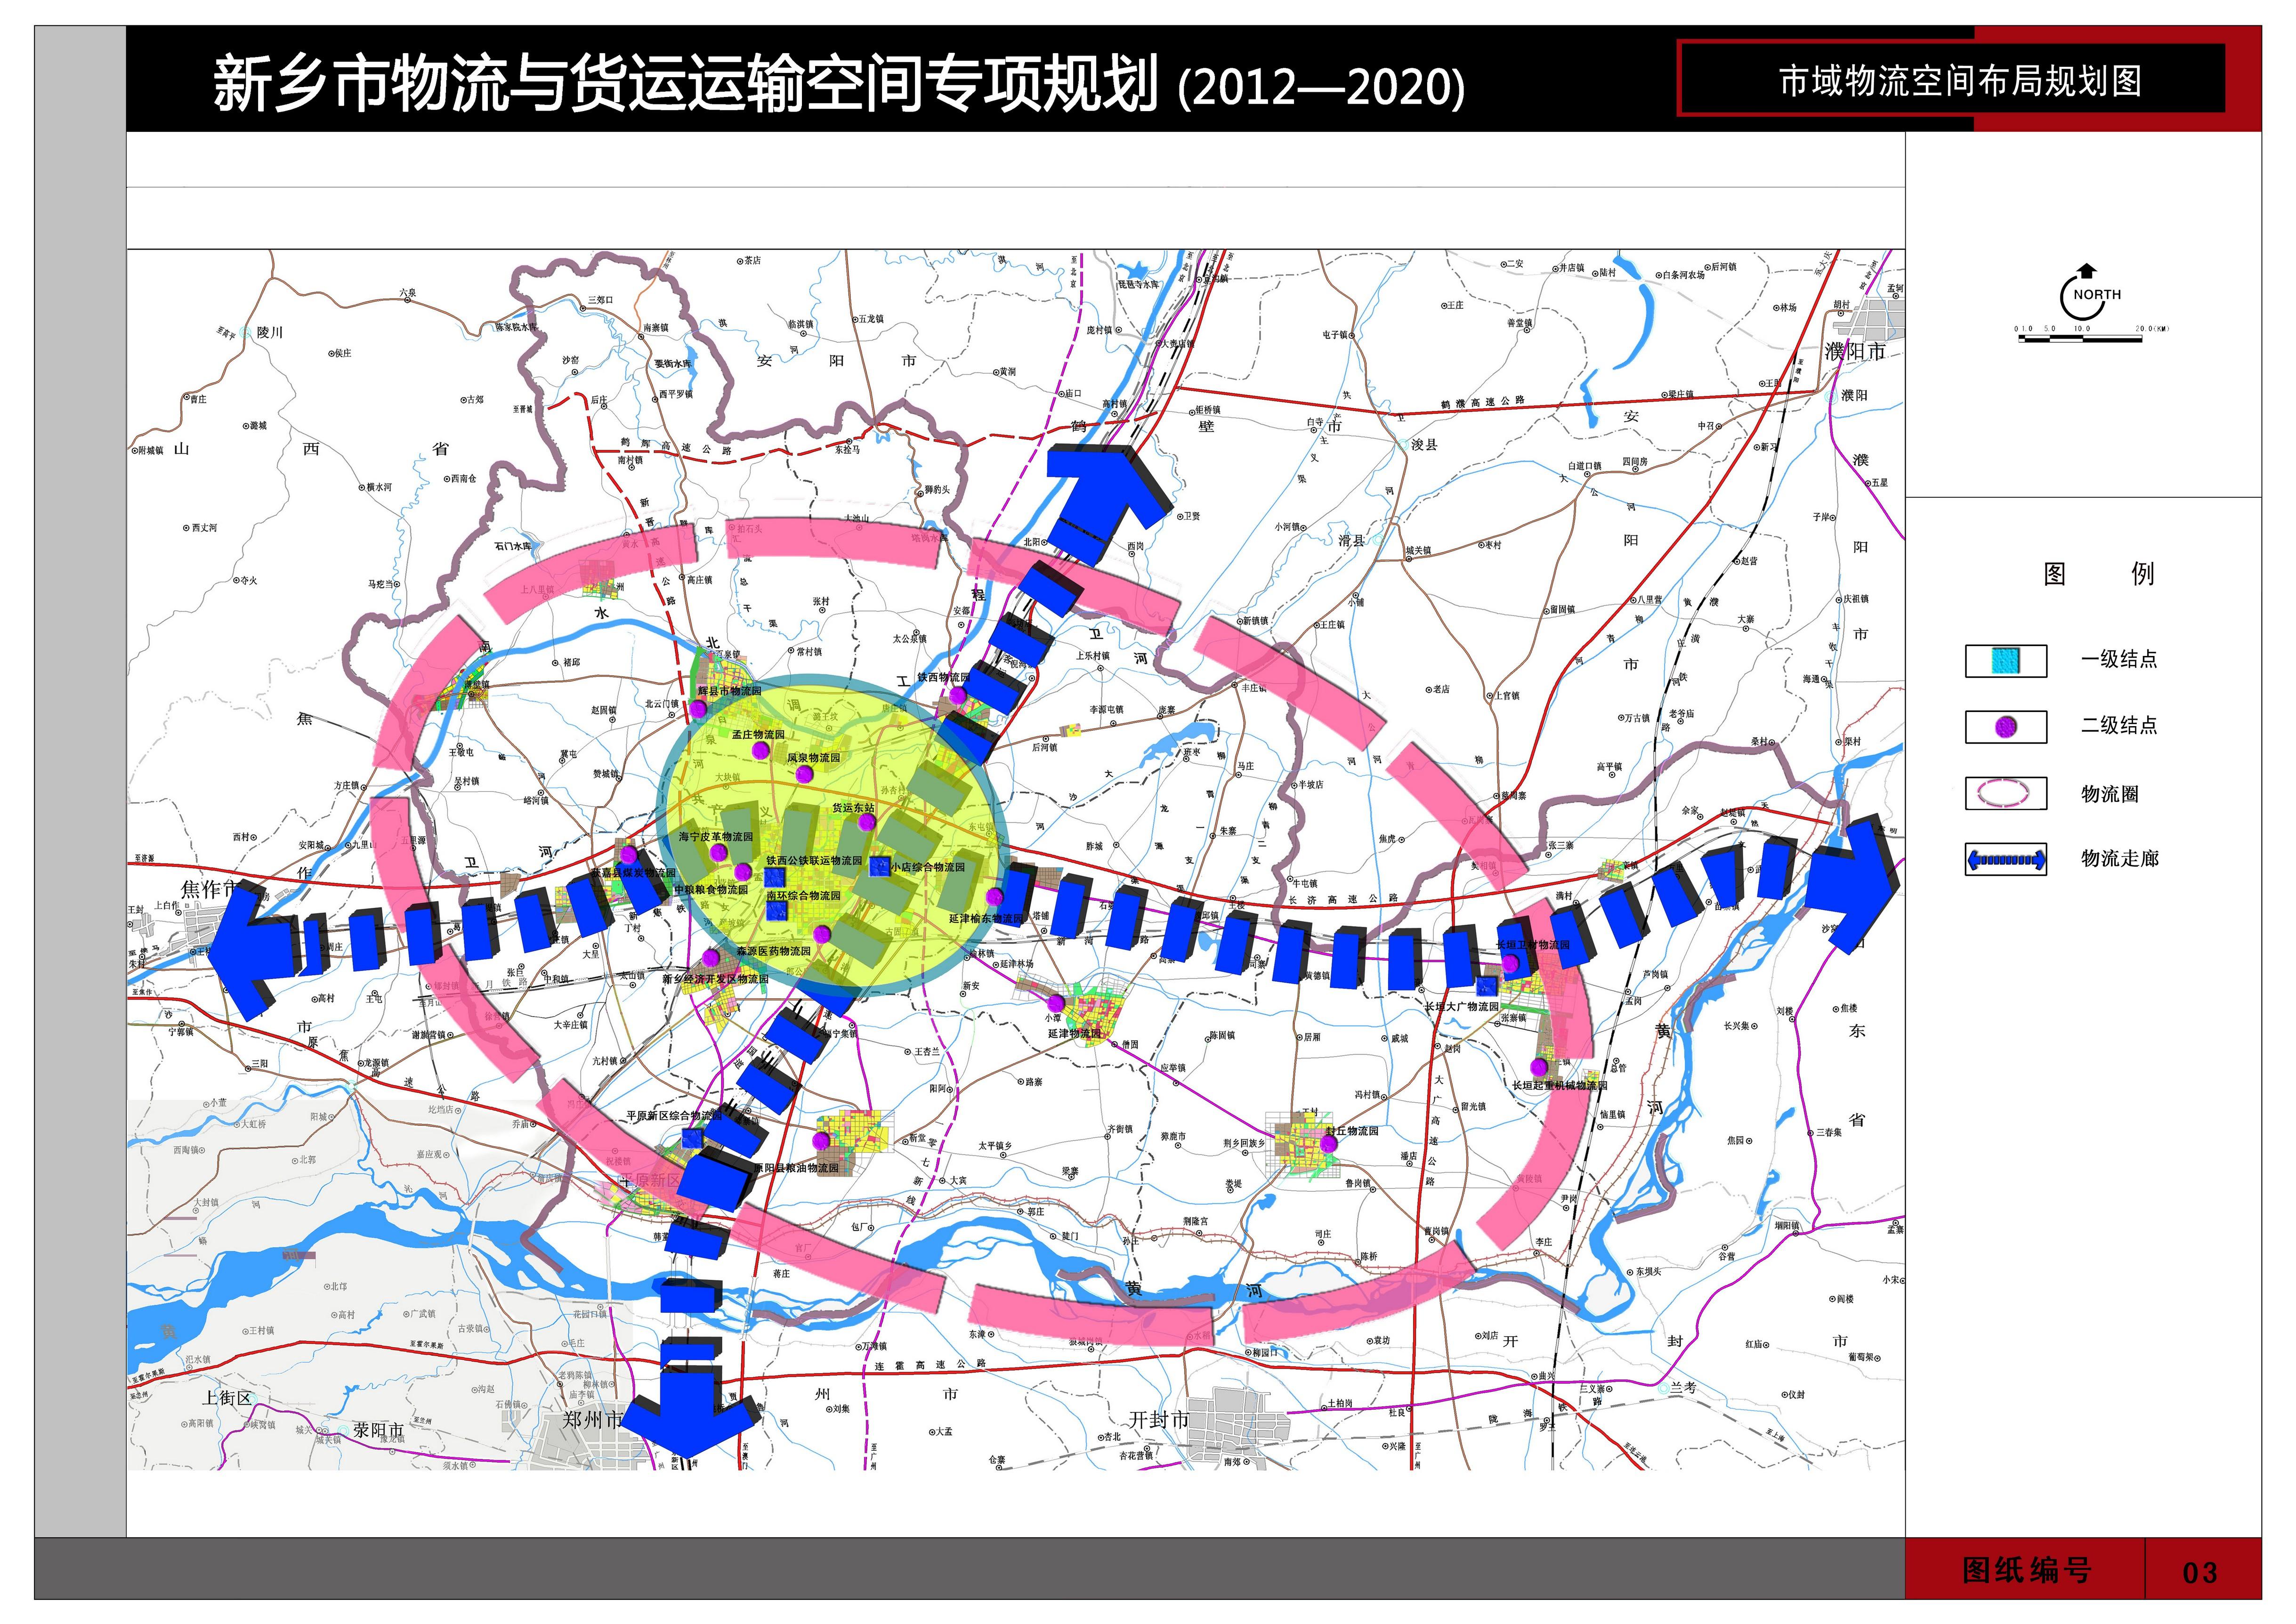 新乡市物流与货运运输空间专项规划